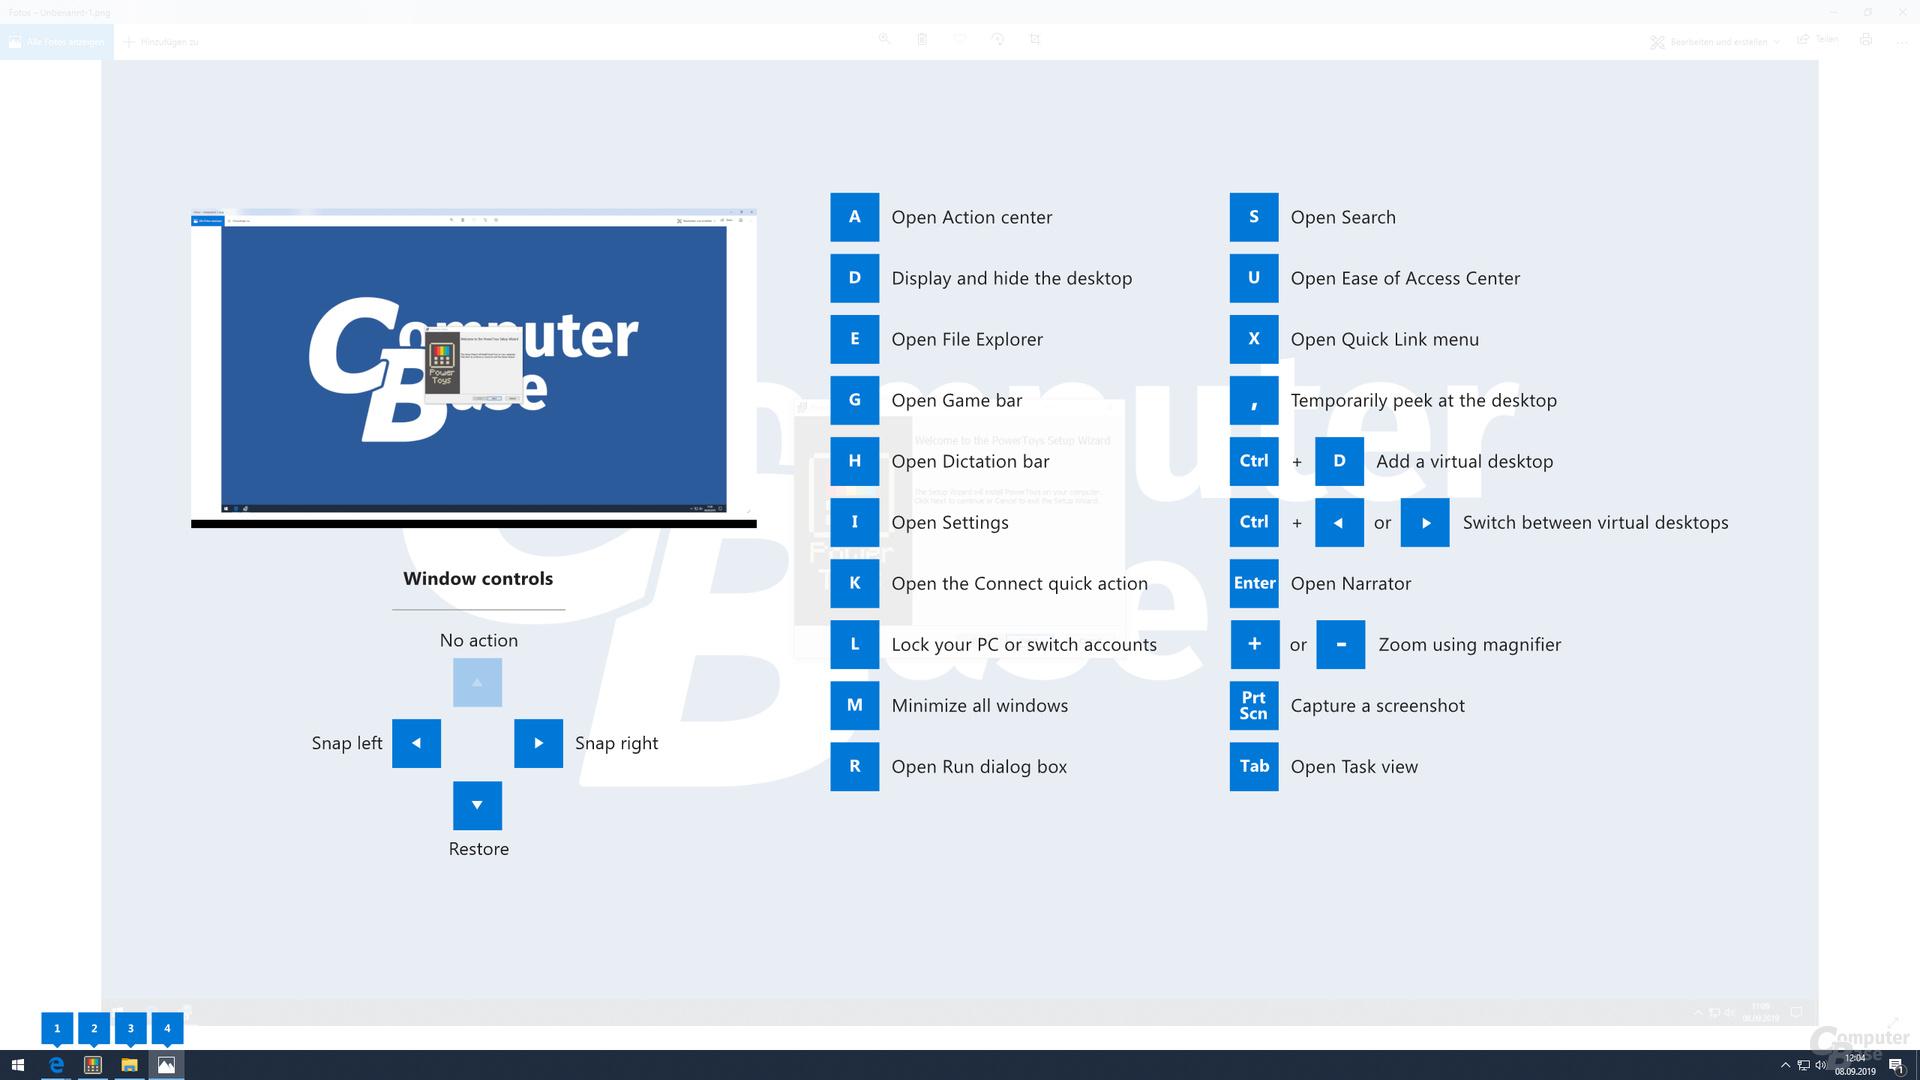 Der Shortcut Guide zeigt alle unter Windows definierten Tastenkürzel per Overlay an